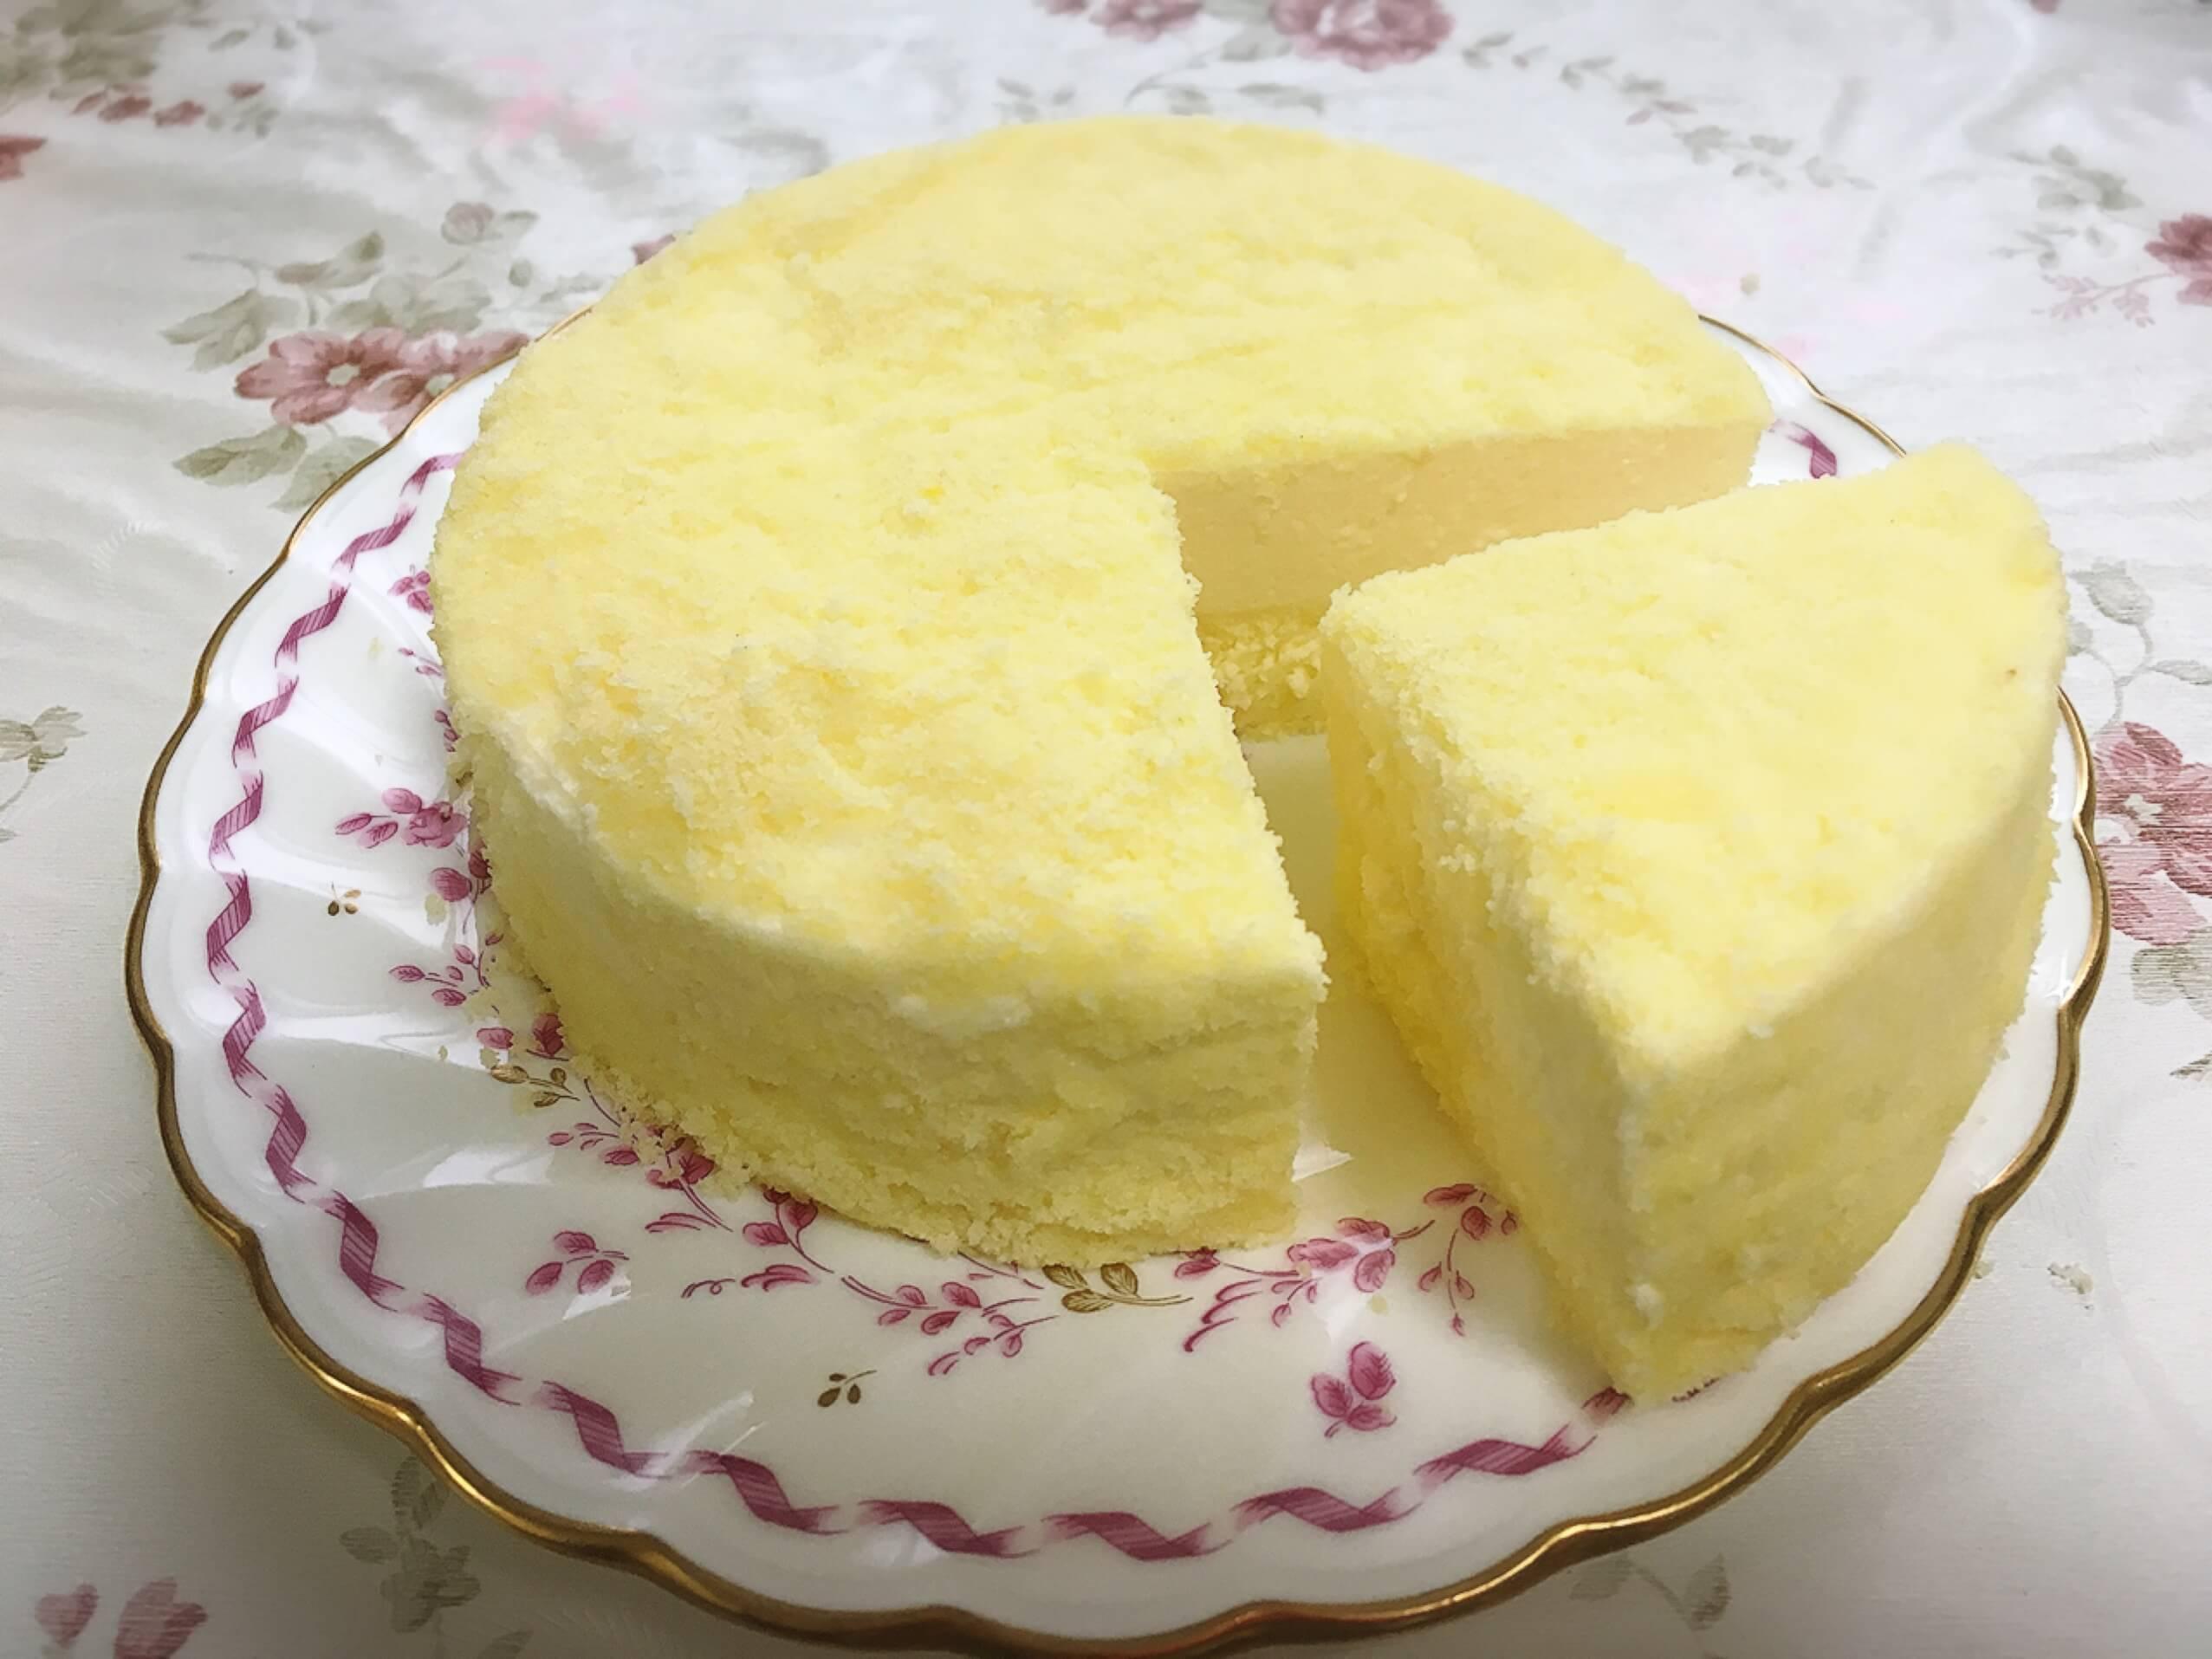 【ルタオ】一度食べたら忘れられない!ふわふわなチーズケーキ